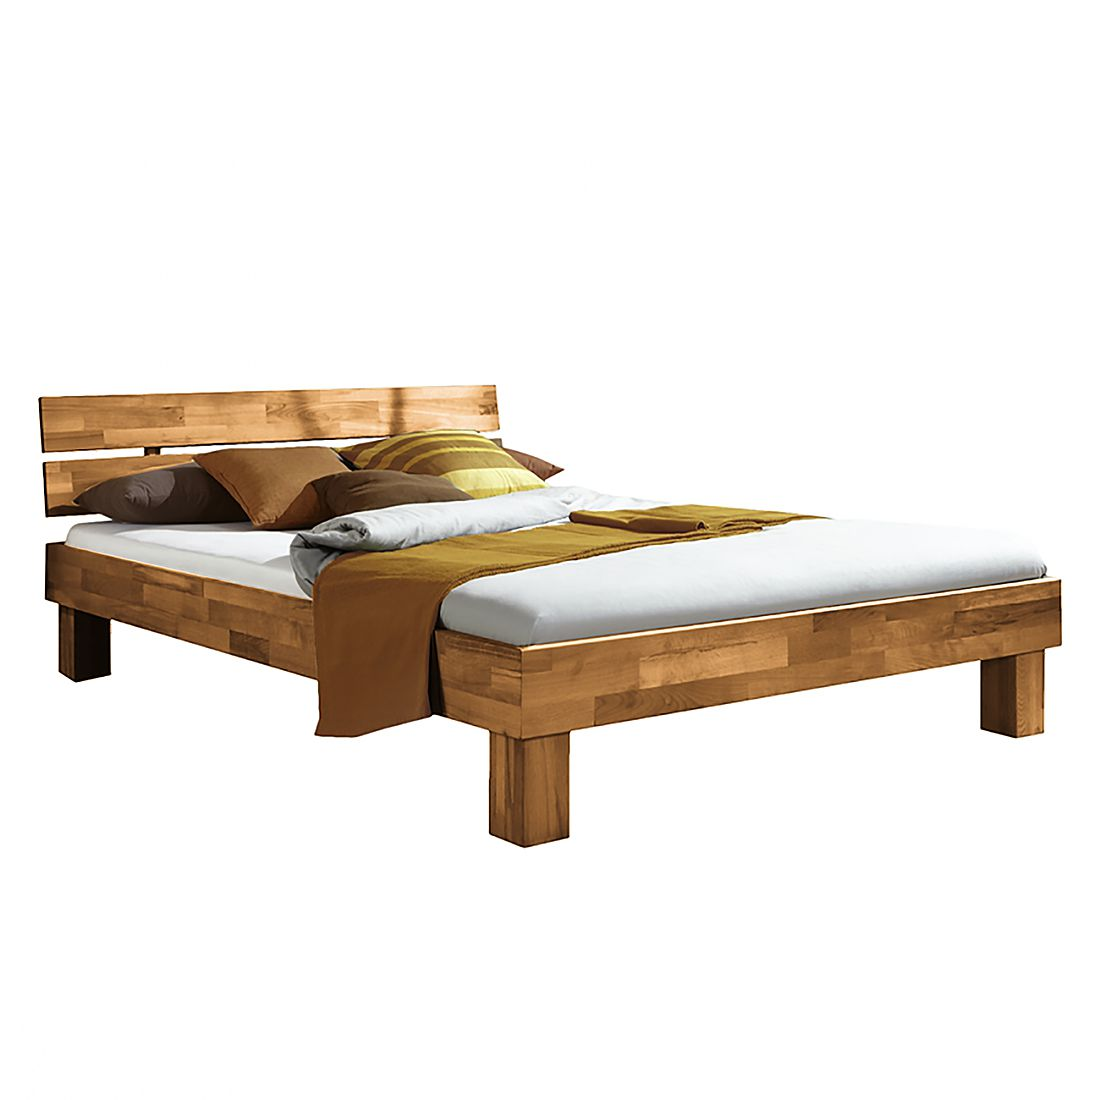 Massief houten bed SonaWOOD - geolied massief wild eikenhout - 180 x 200cm, Ars Natura